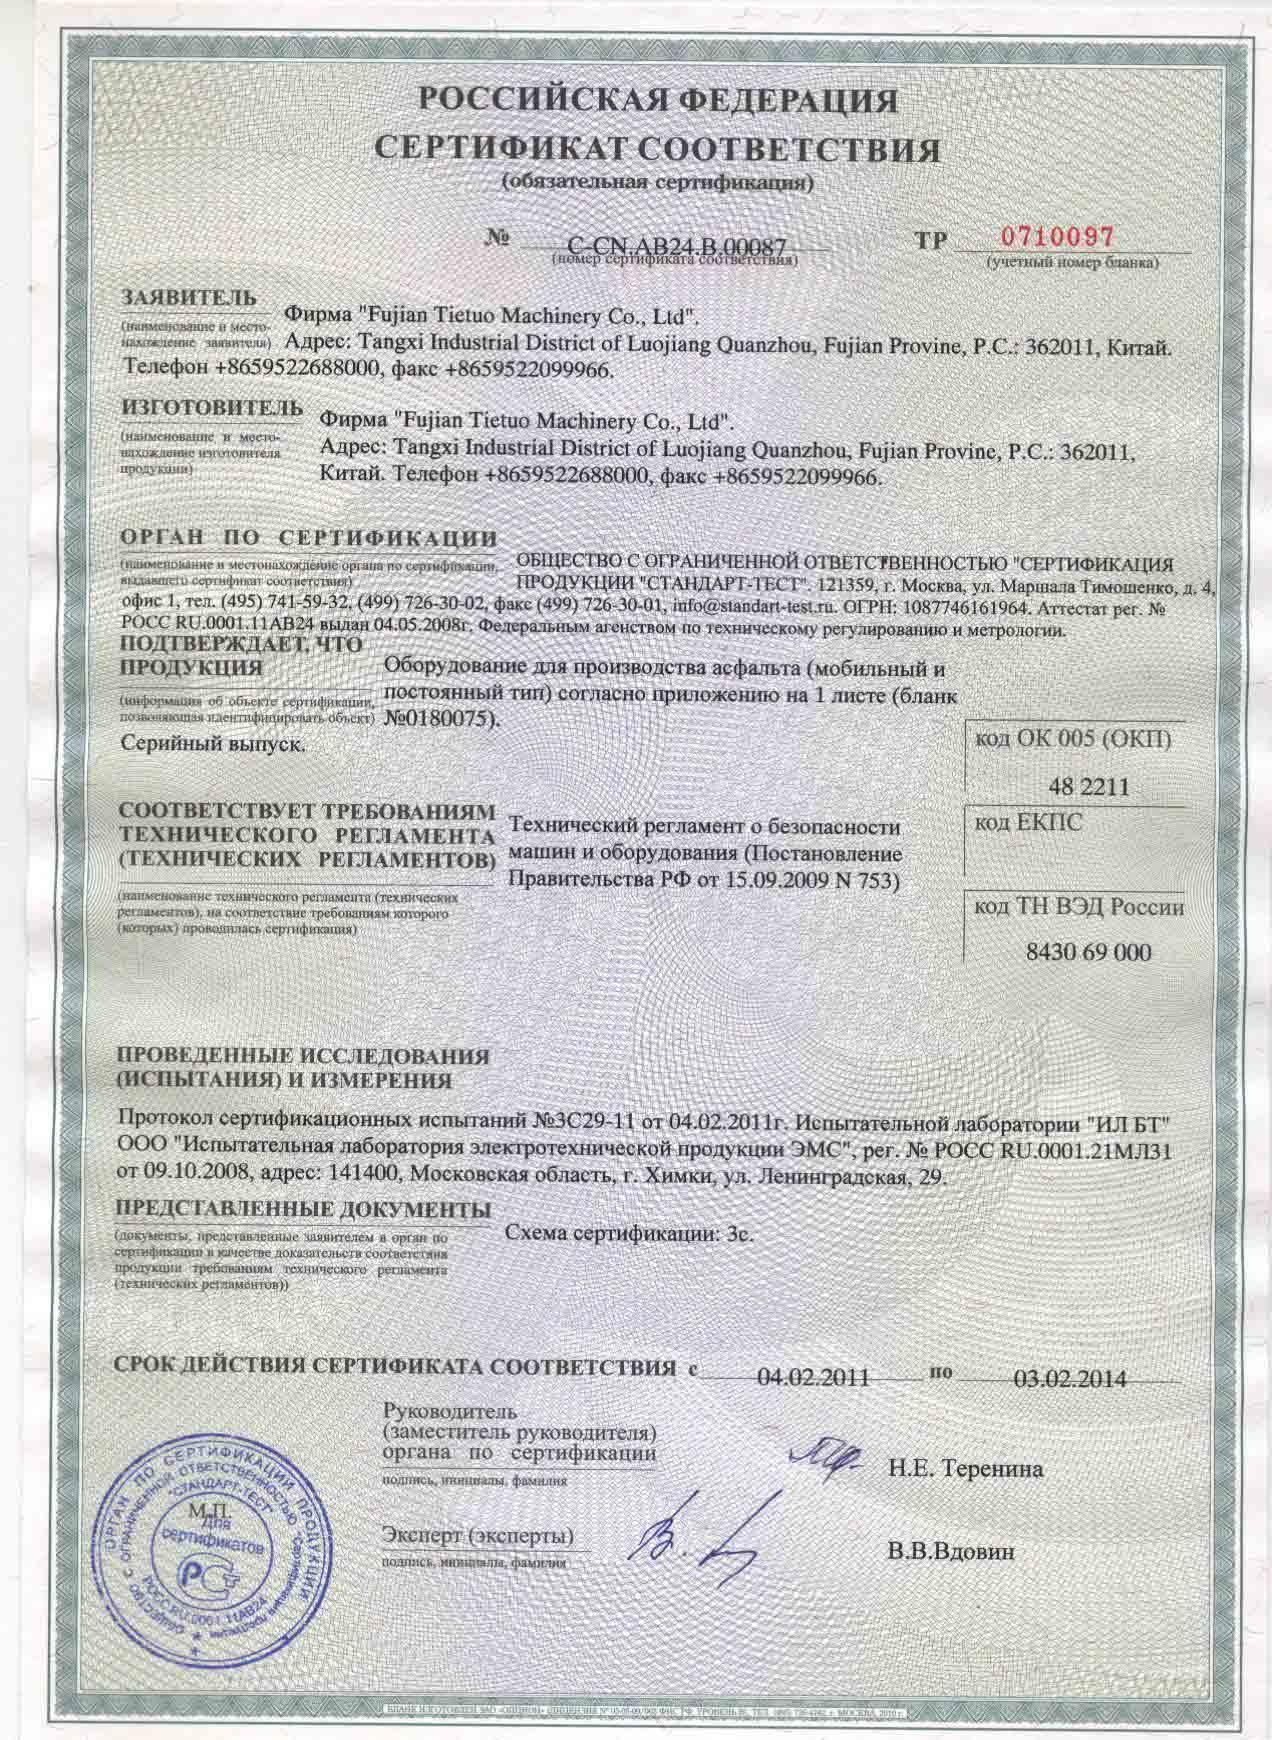 Russia GOST Certificate